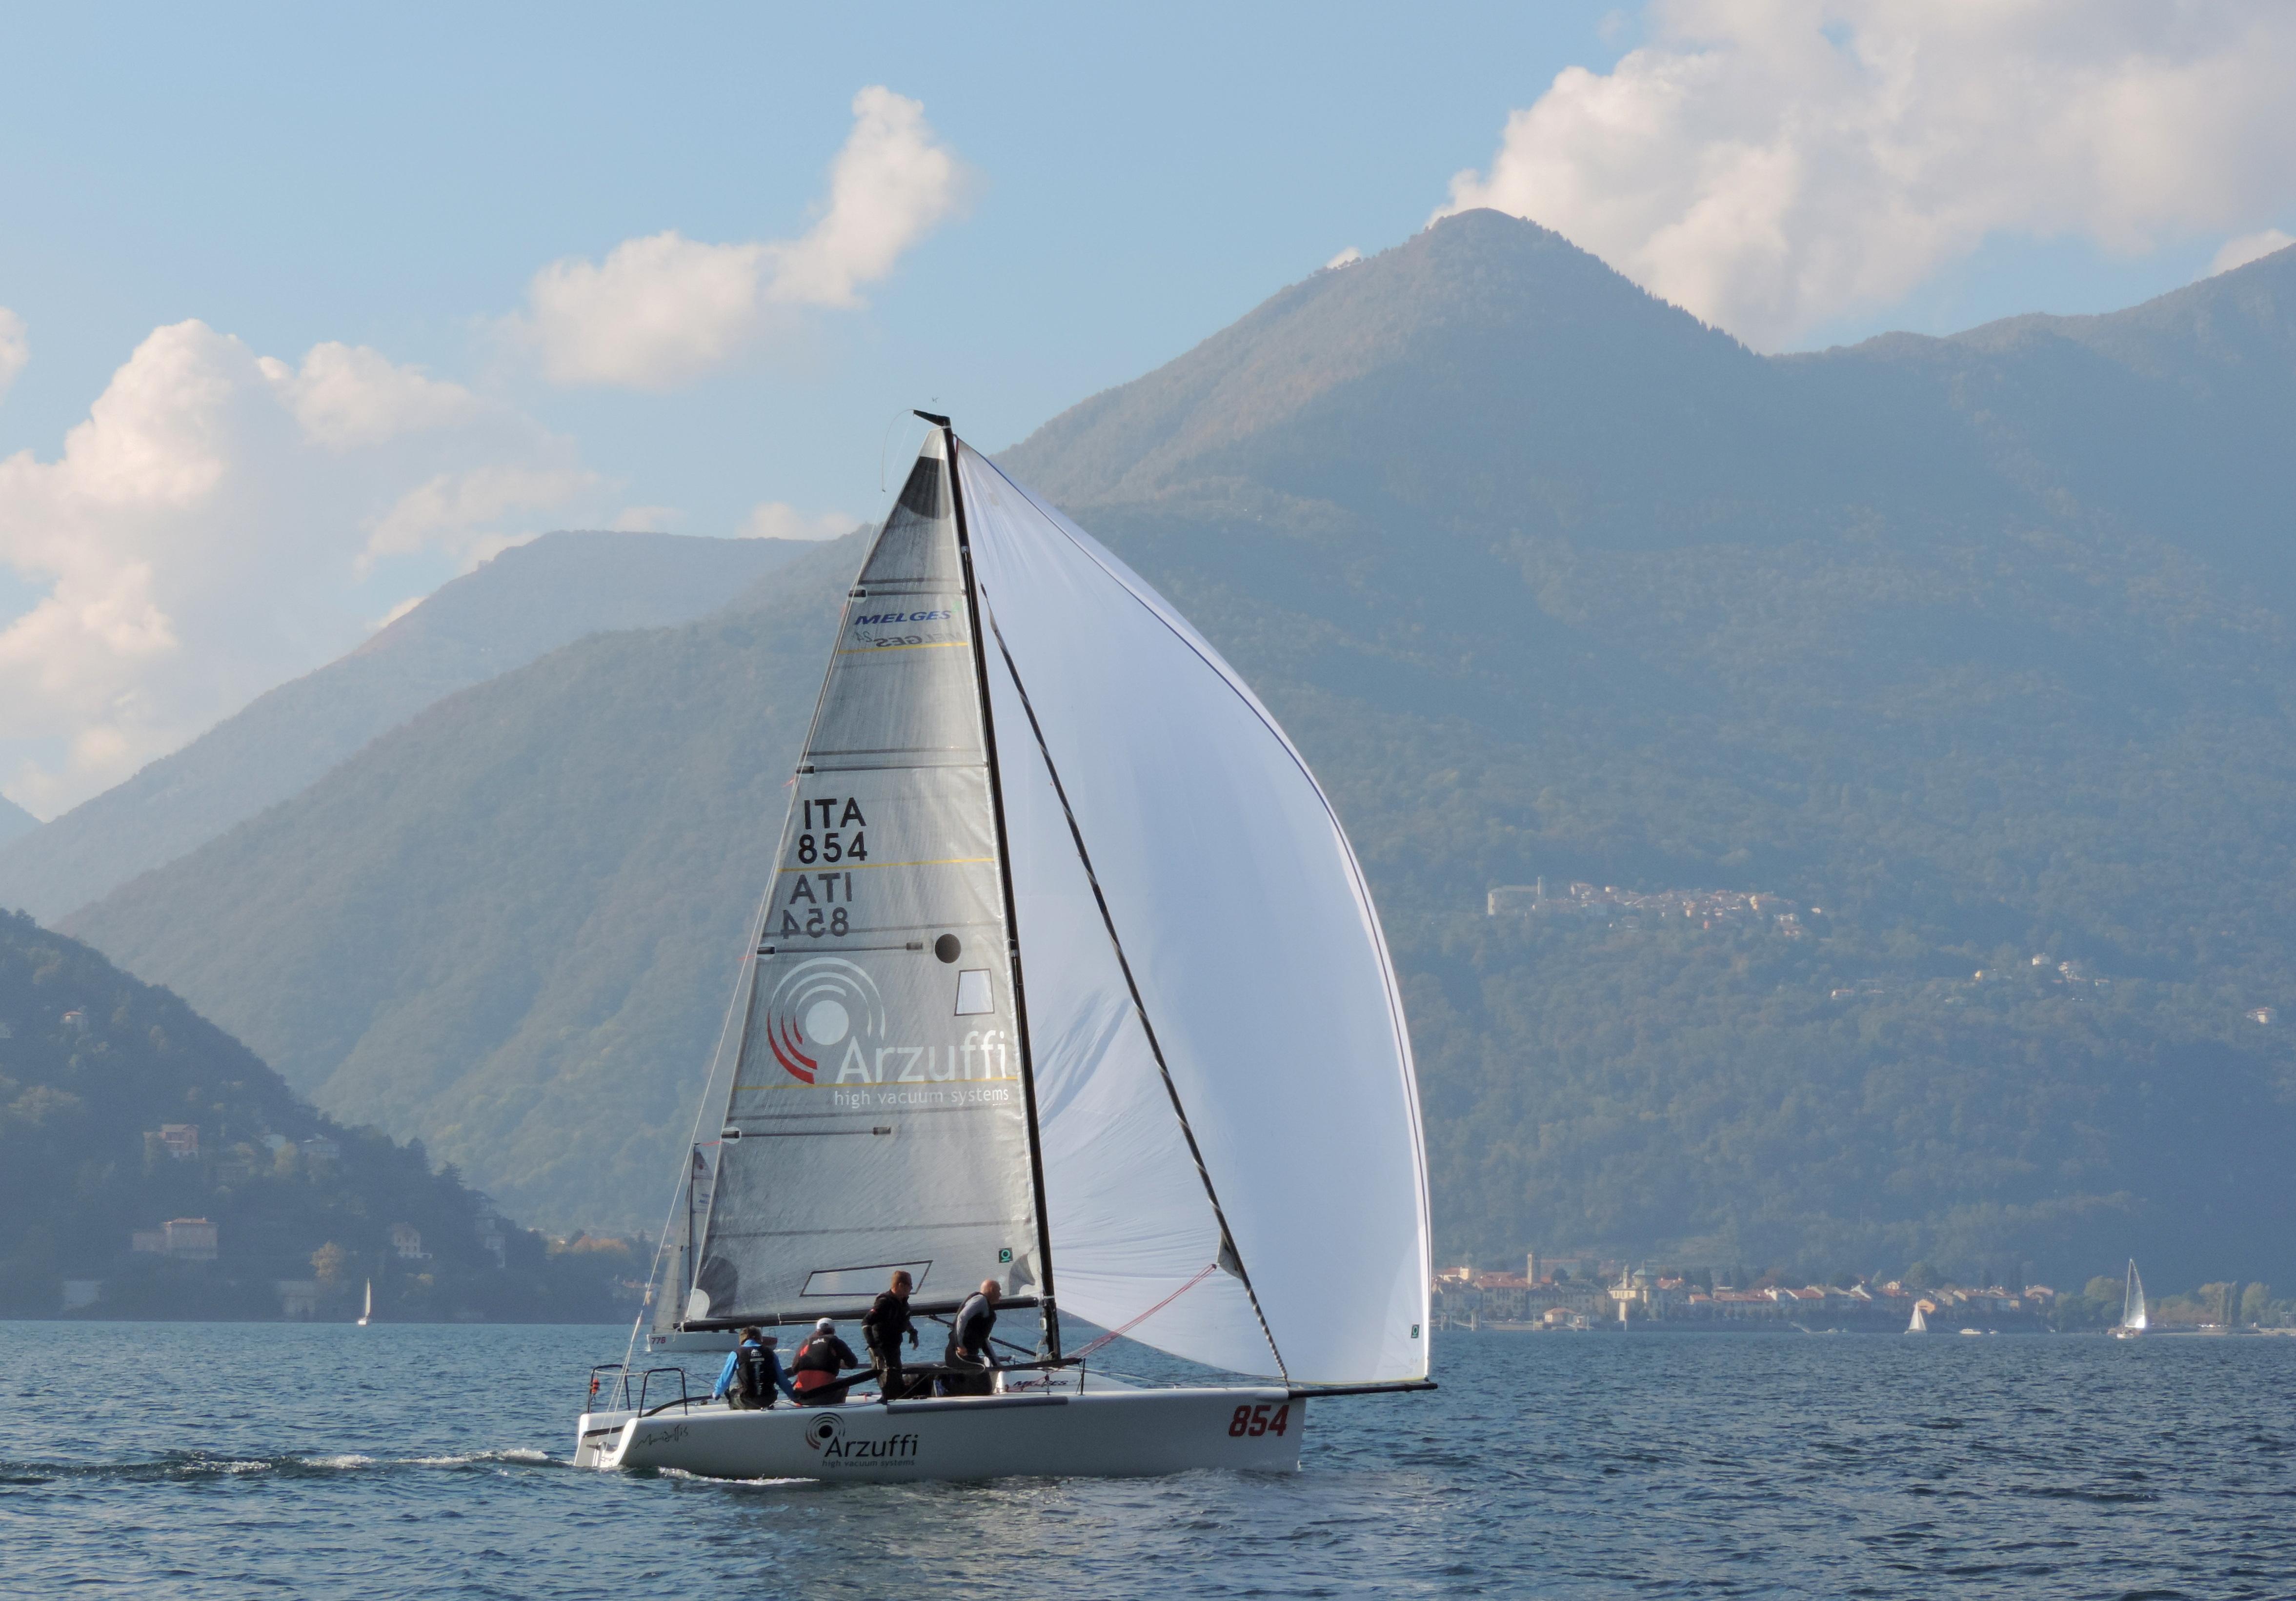 52001efcd74dc0 2018 Melges 24 European Sailing Series Day Two in Luino - Flavio ...